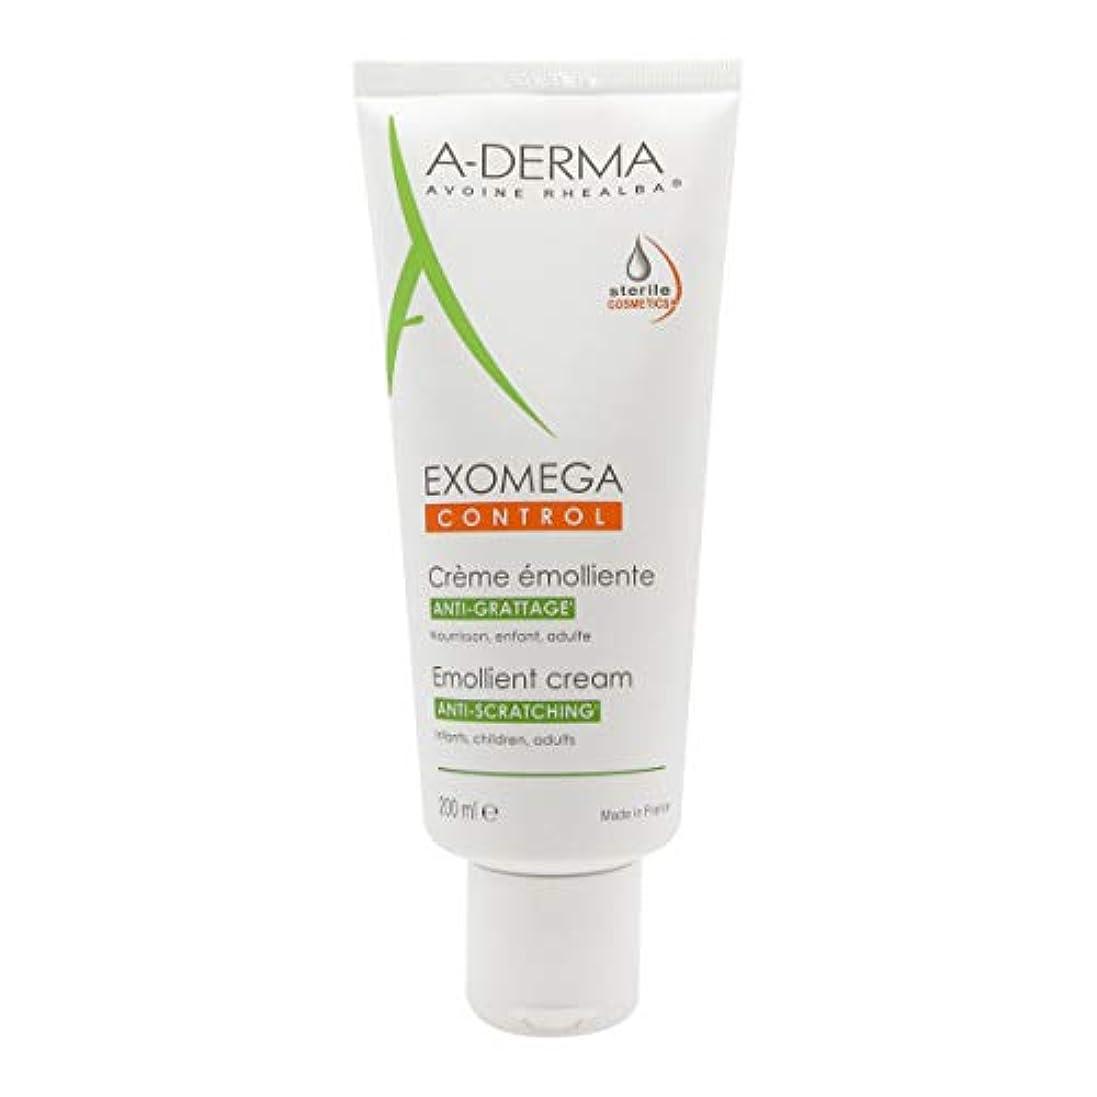 夏クリップ謝るA-derma Exomega Control Emollient Cream 200ml [並行輸入品]